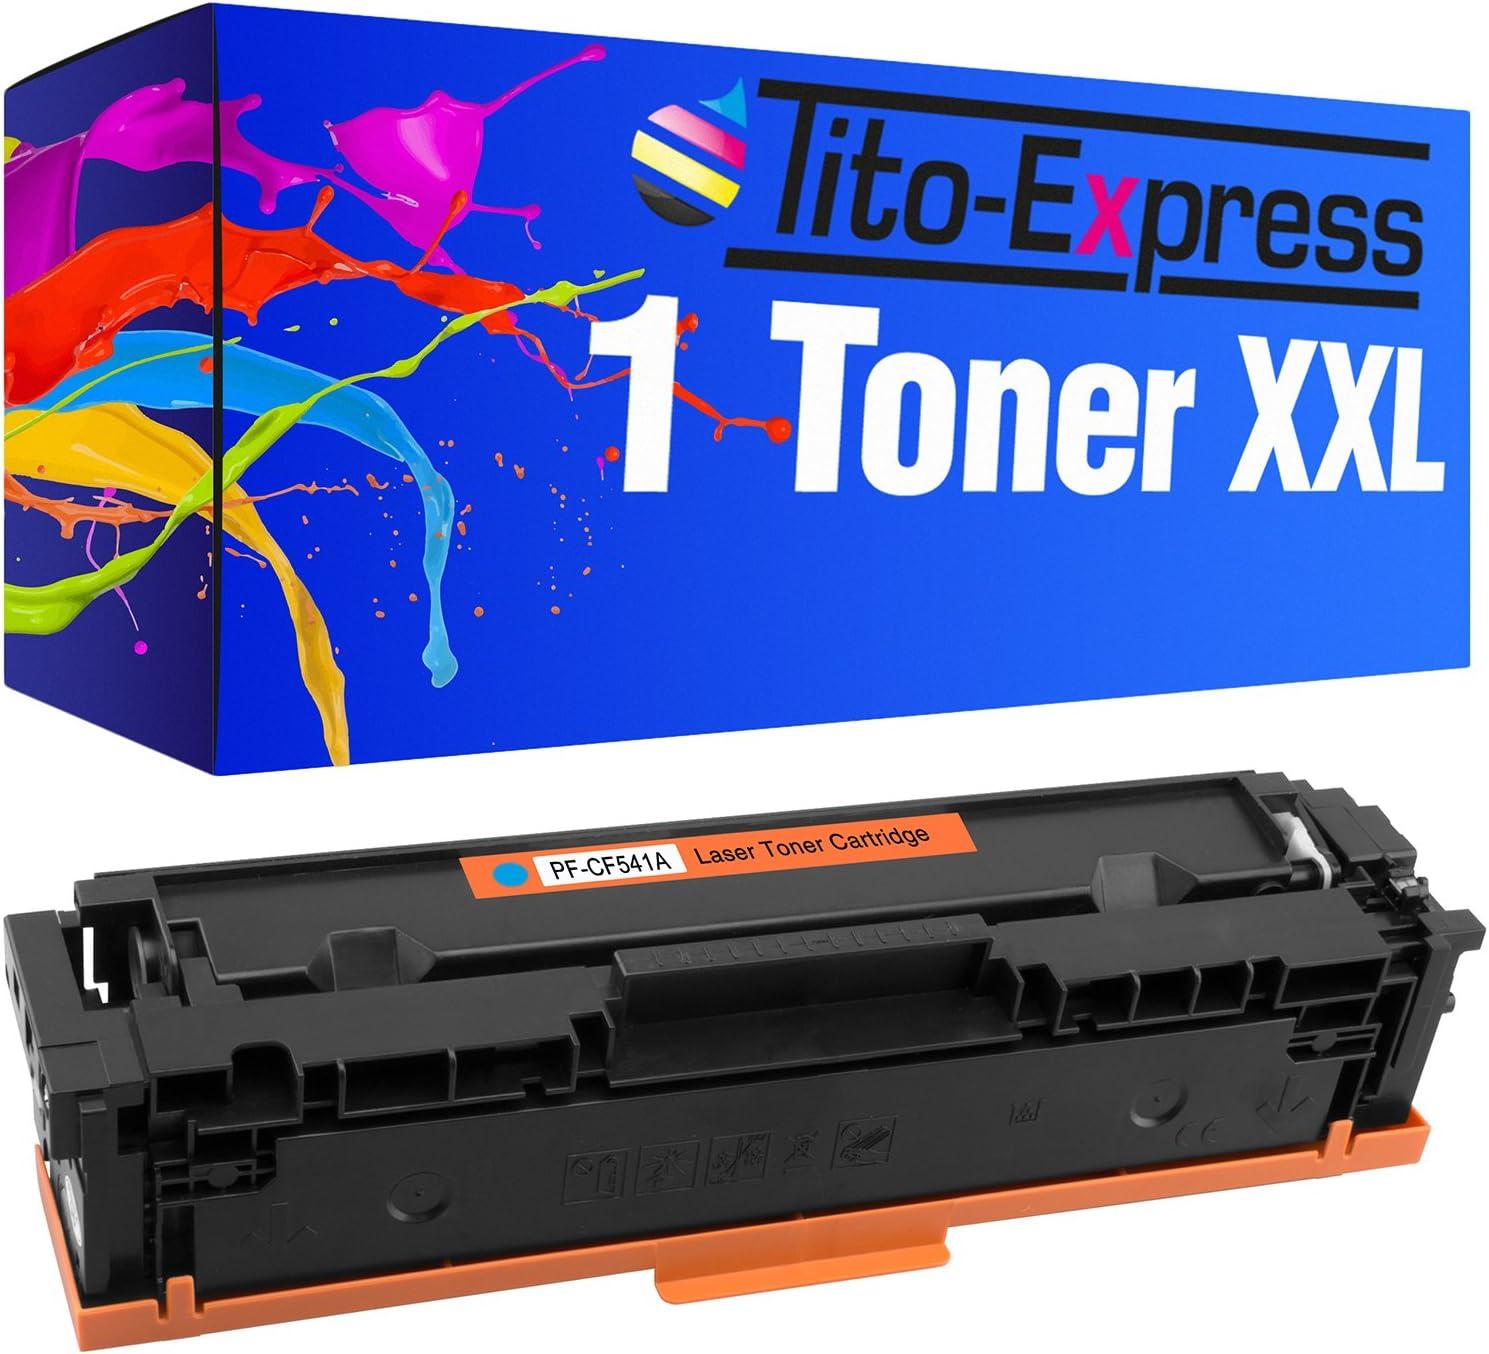 Tito Express Platinumserie Xxl Toner For Hp Cf540a Cf543a Bürobedarf Schreibwaren